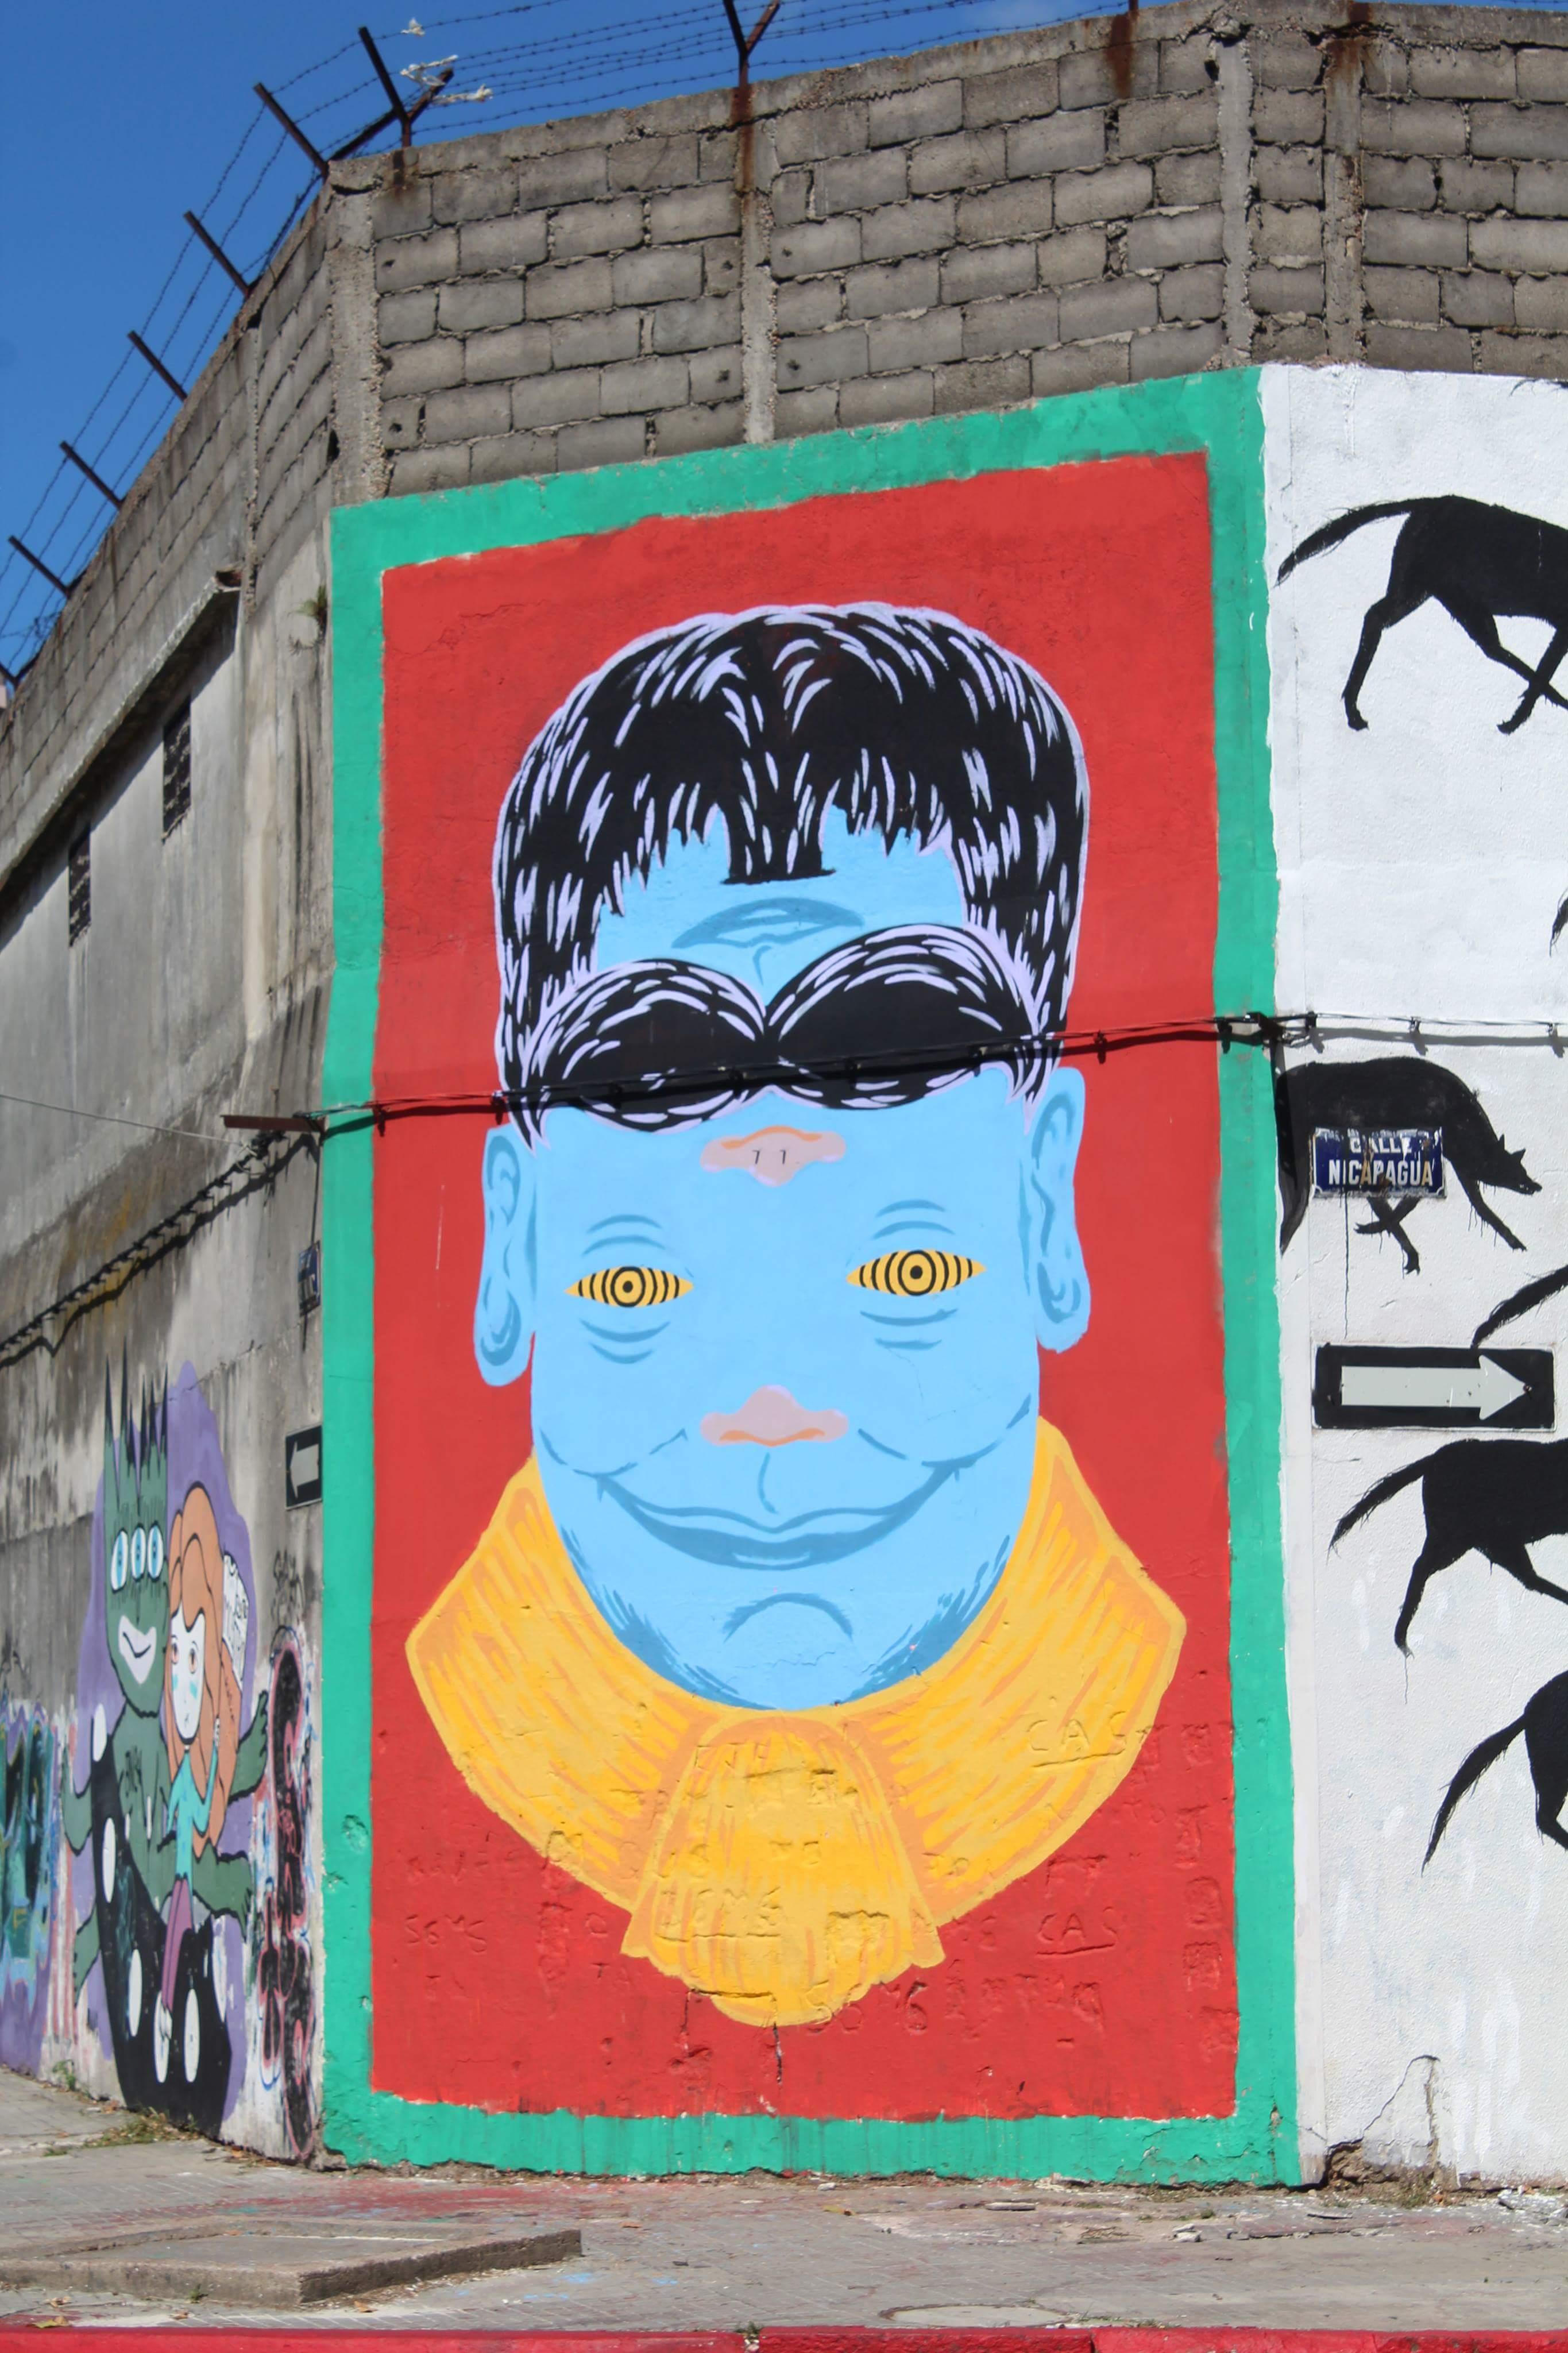 5. kép: Montevideo, street art